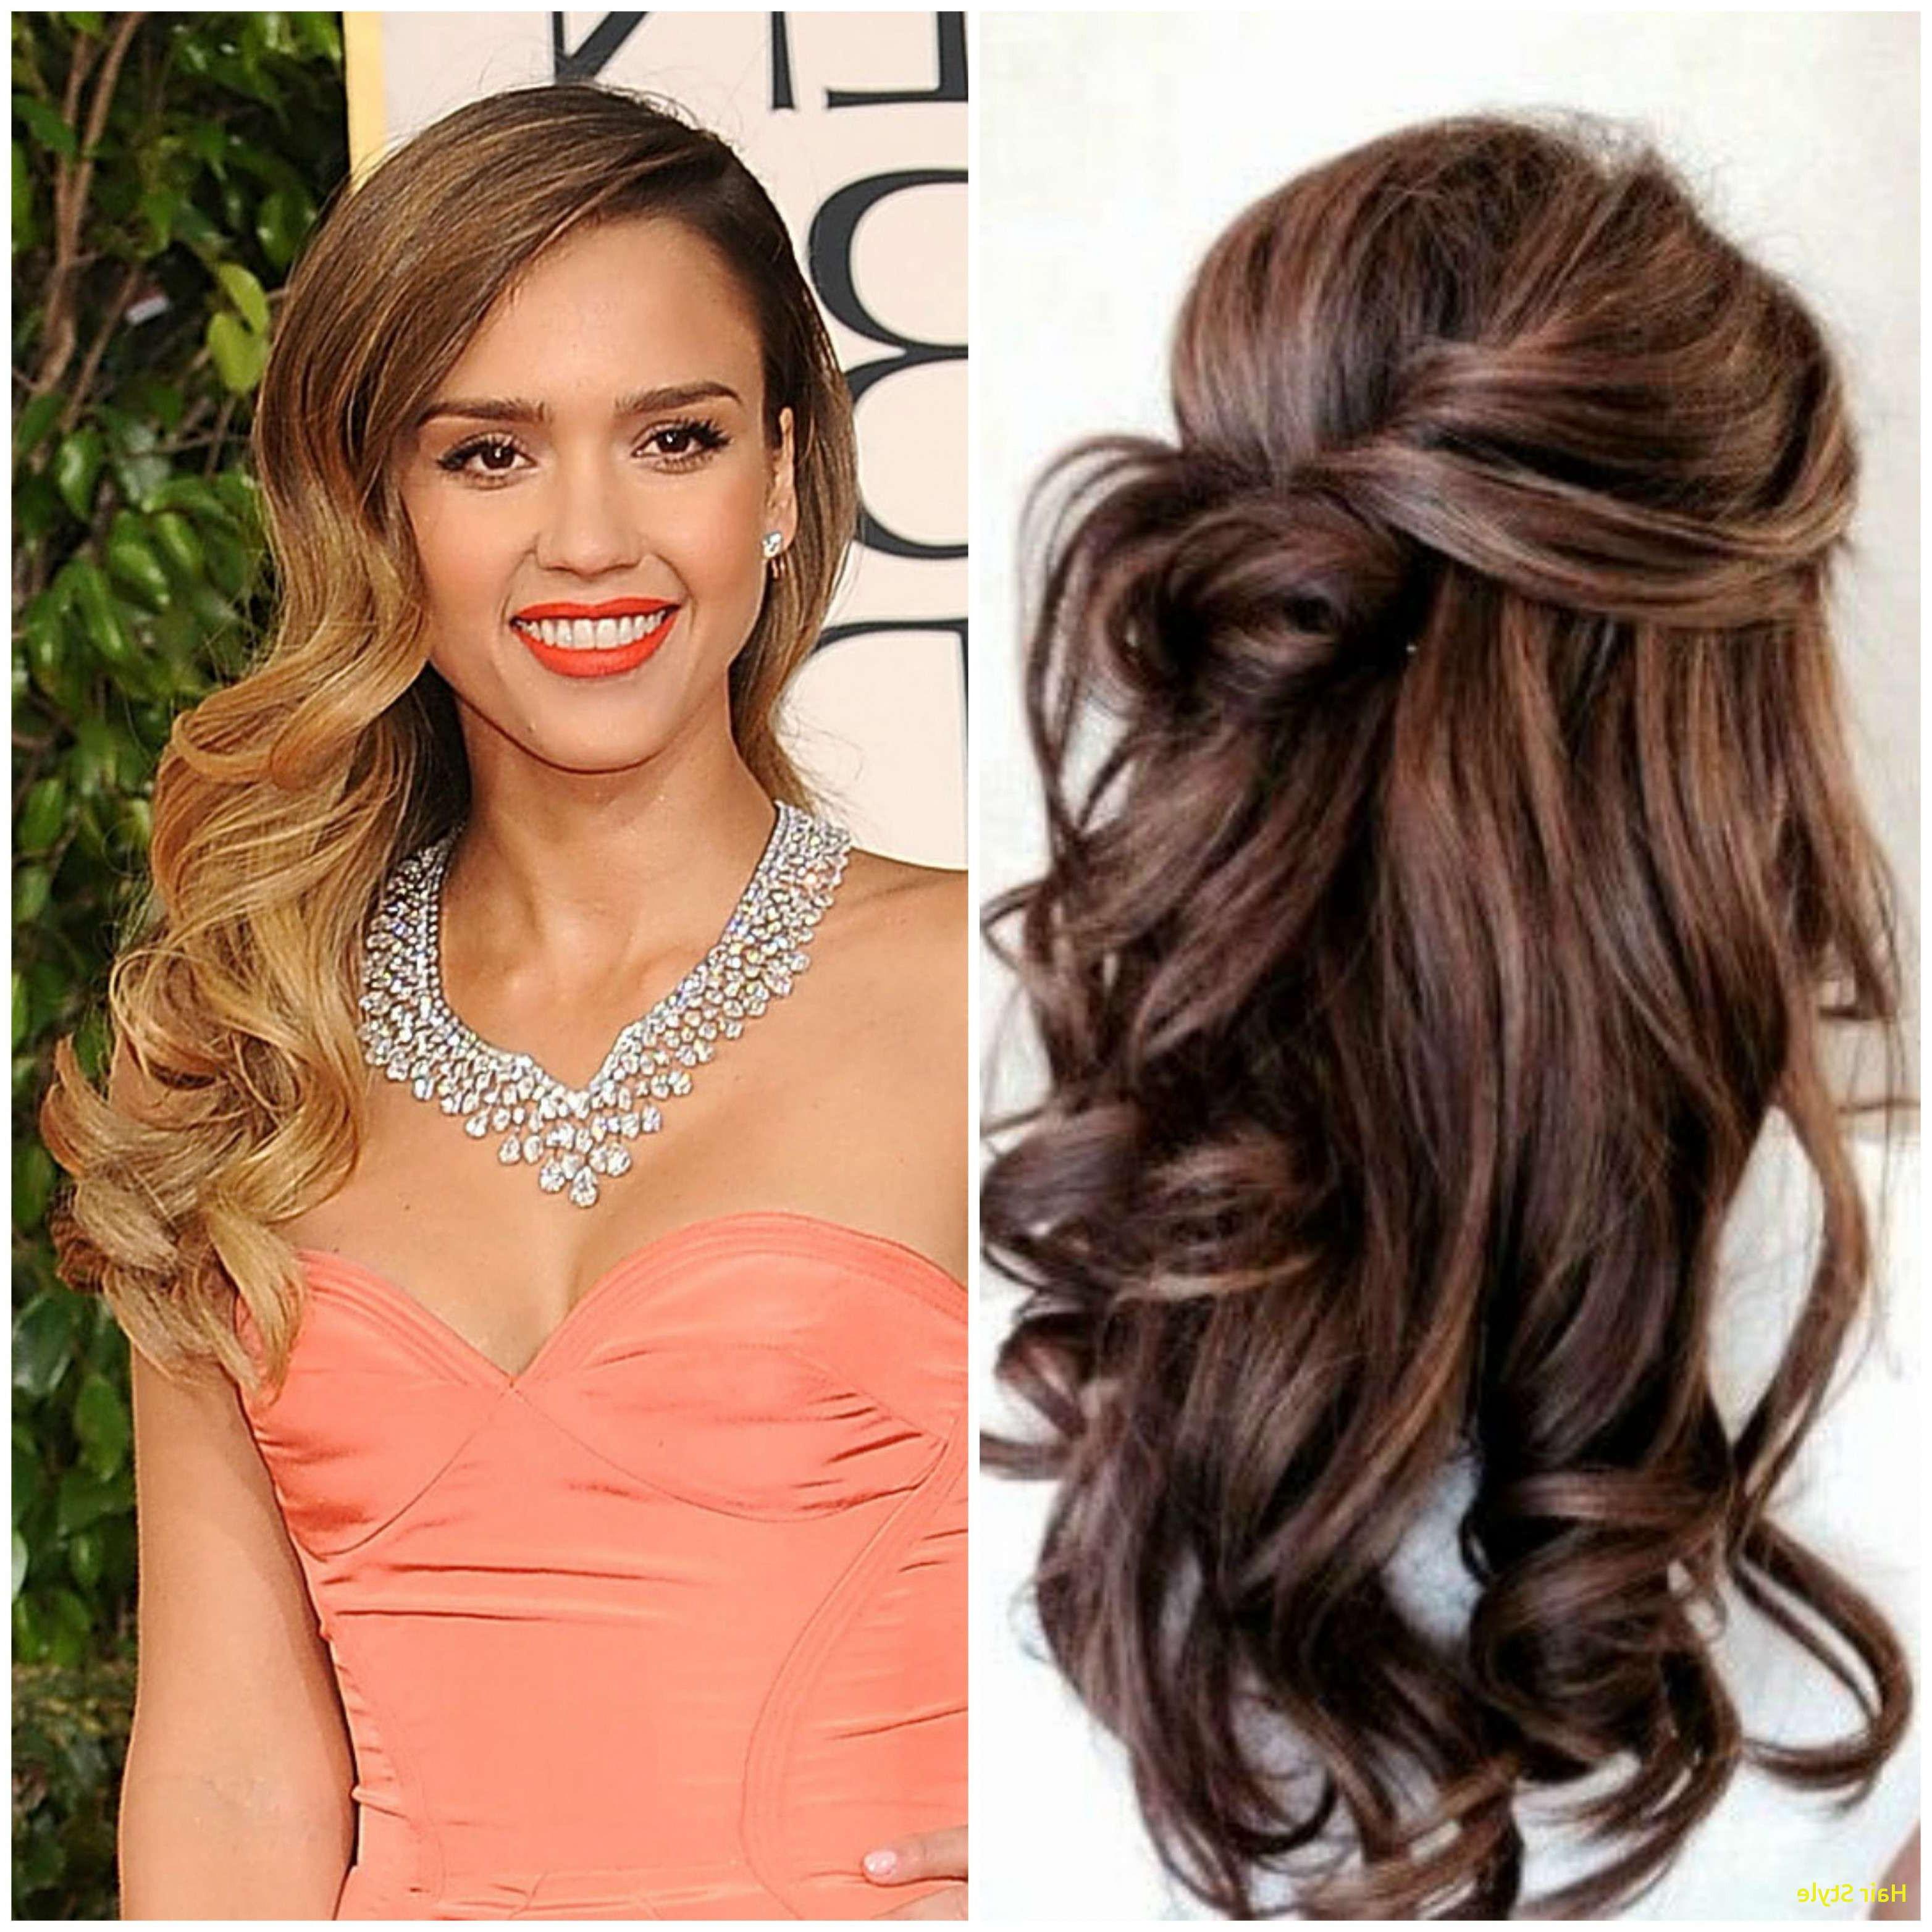 Classy Short Hairstyles Luxury Elegant Short Hairstyles For The Fall In Fall Short Hairstyles (View 18 of 25)